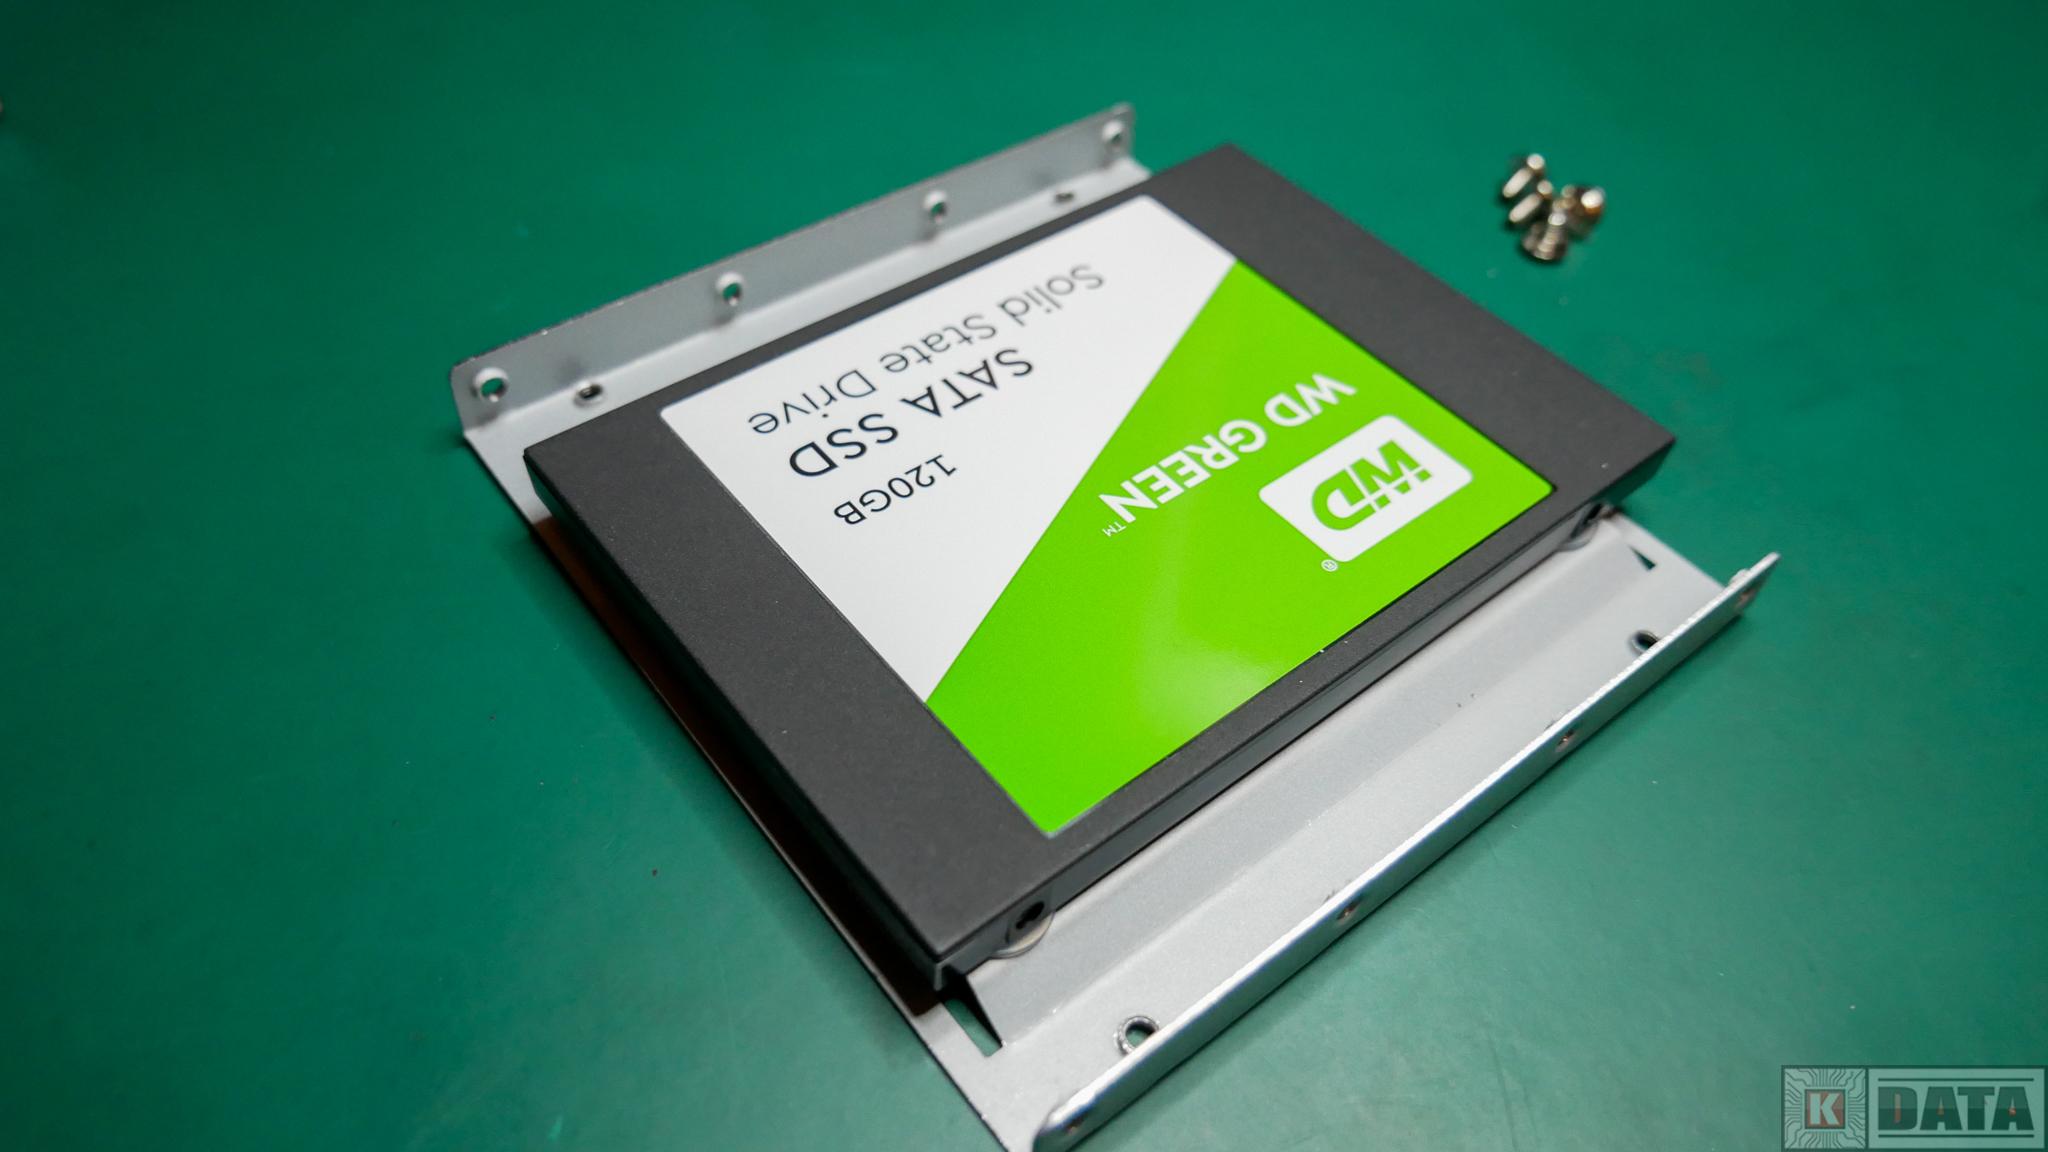 Dysk SSD WD Green zamontowany w adapterze 2